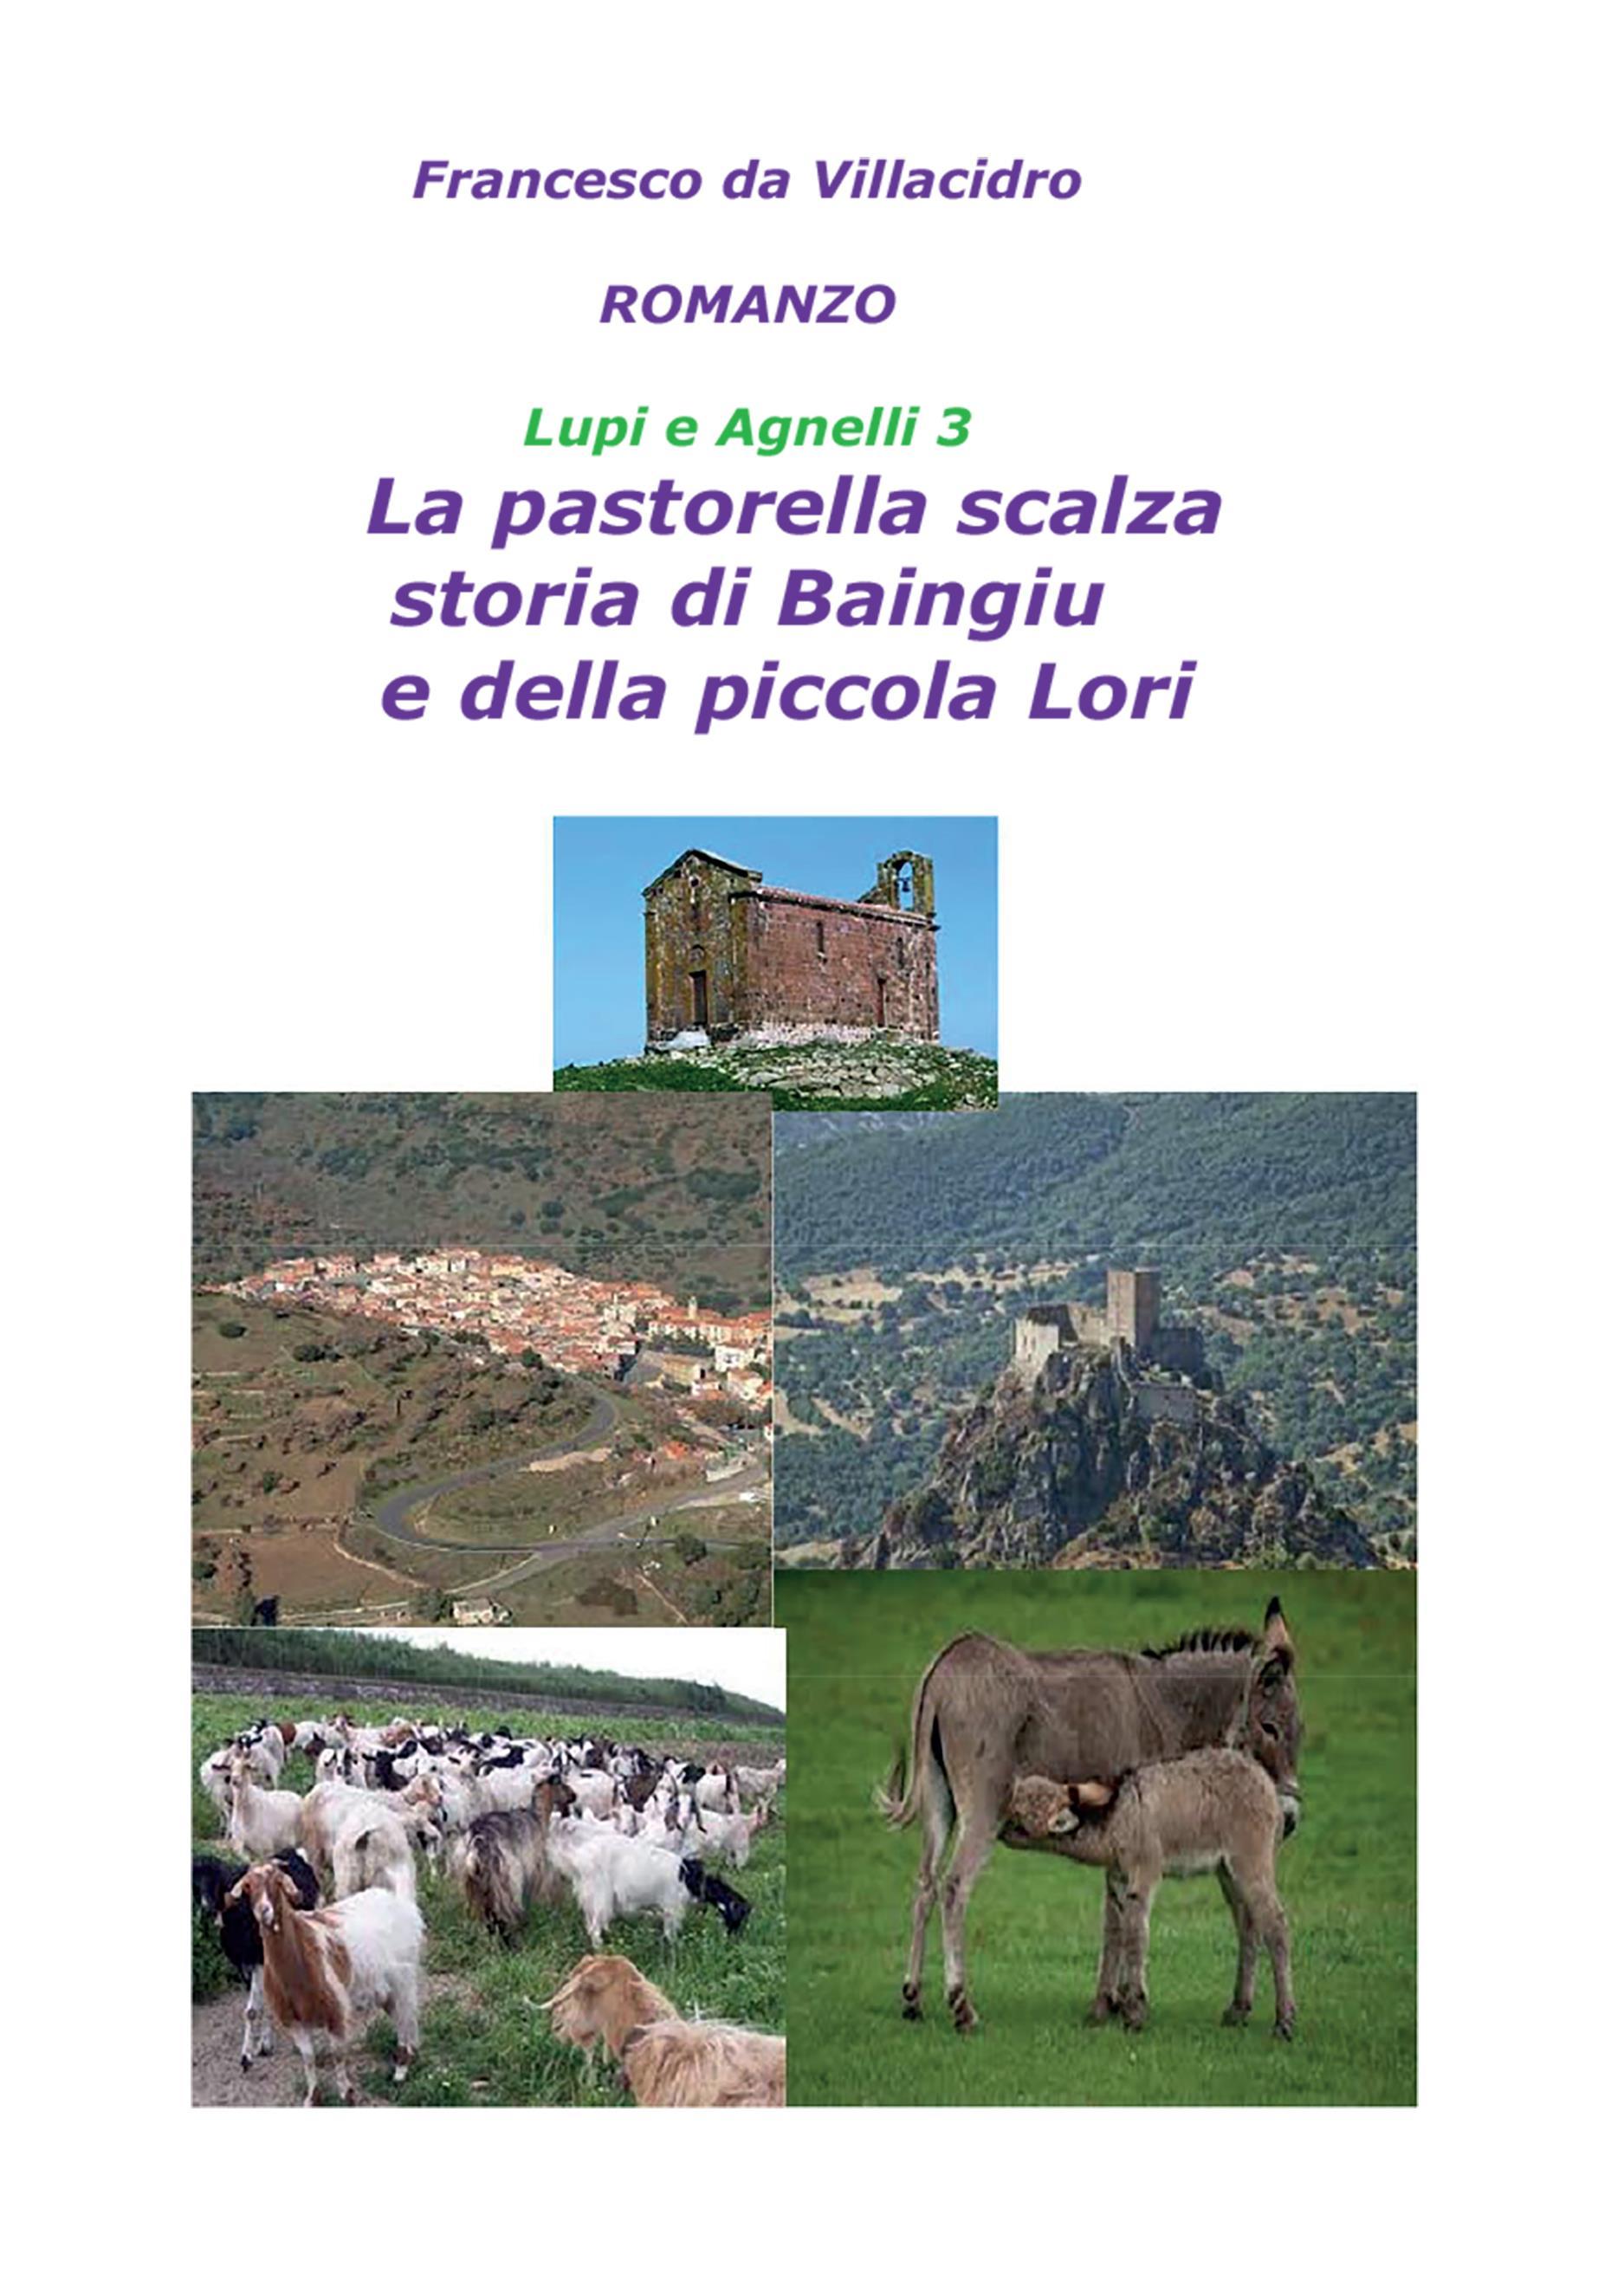 Lupi e Agnelli 3 - La Pastorella Scalza. Storia di Baingiu e della piccola Lori